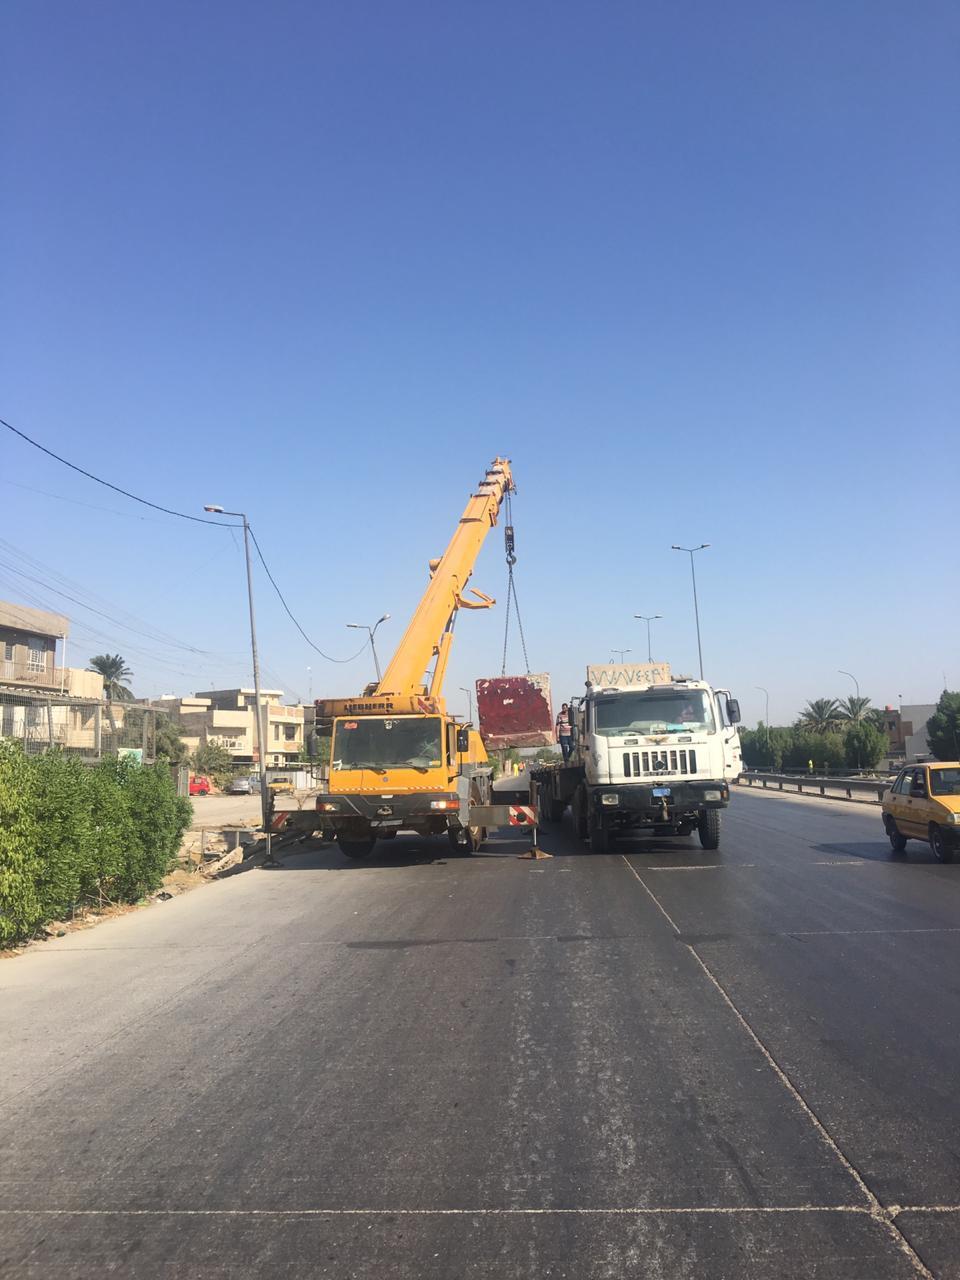 رفع الكتل الكونكريتية عن موقعين مختلفين في بغداد